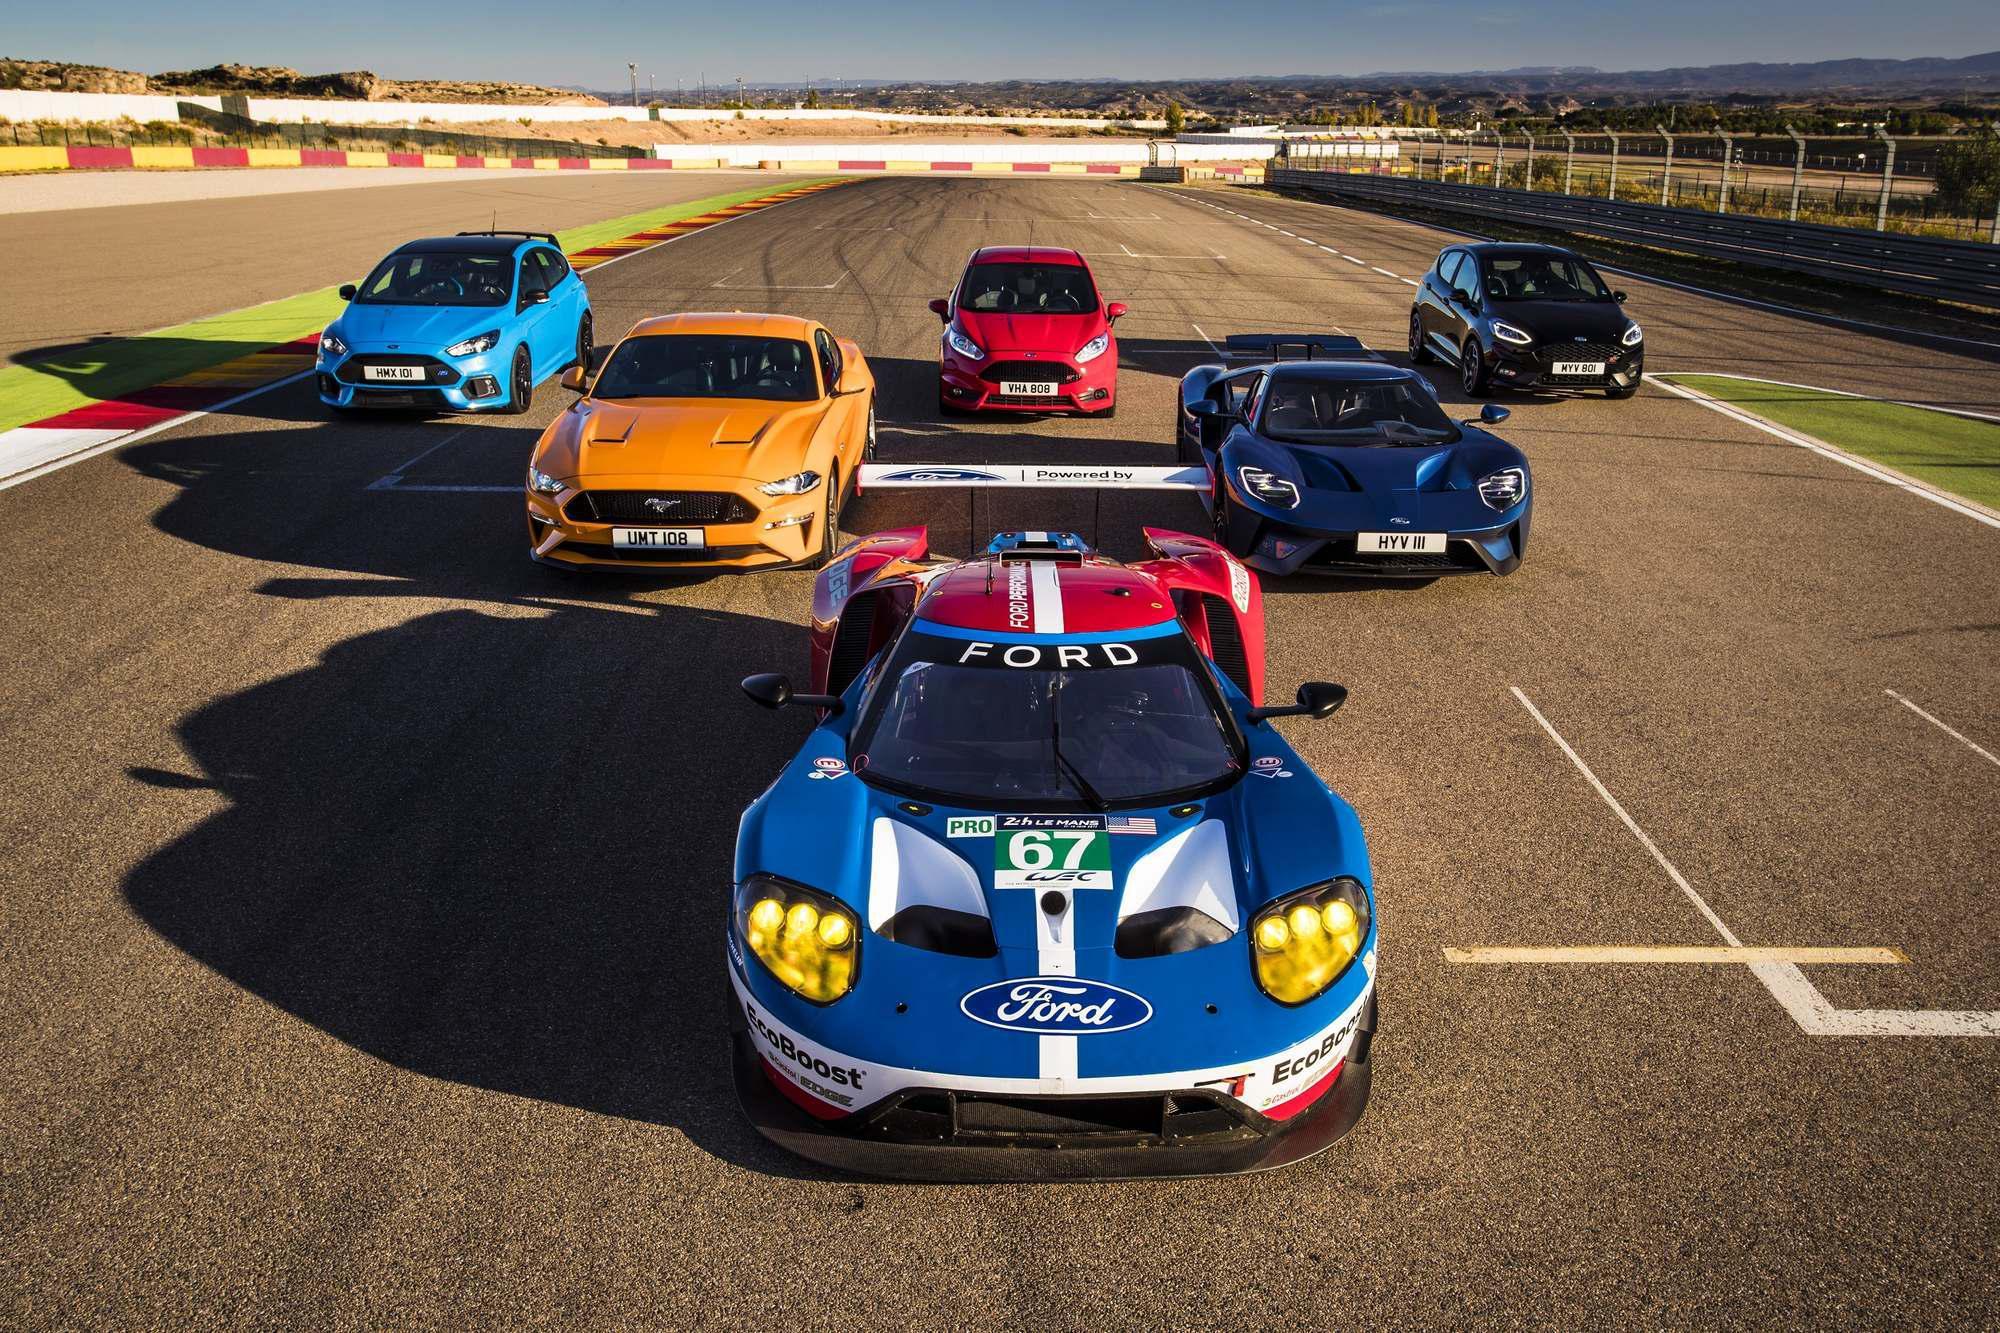 Circuito Motorland : Modelos ford performance compiten en el circuito motorland